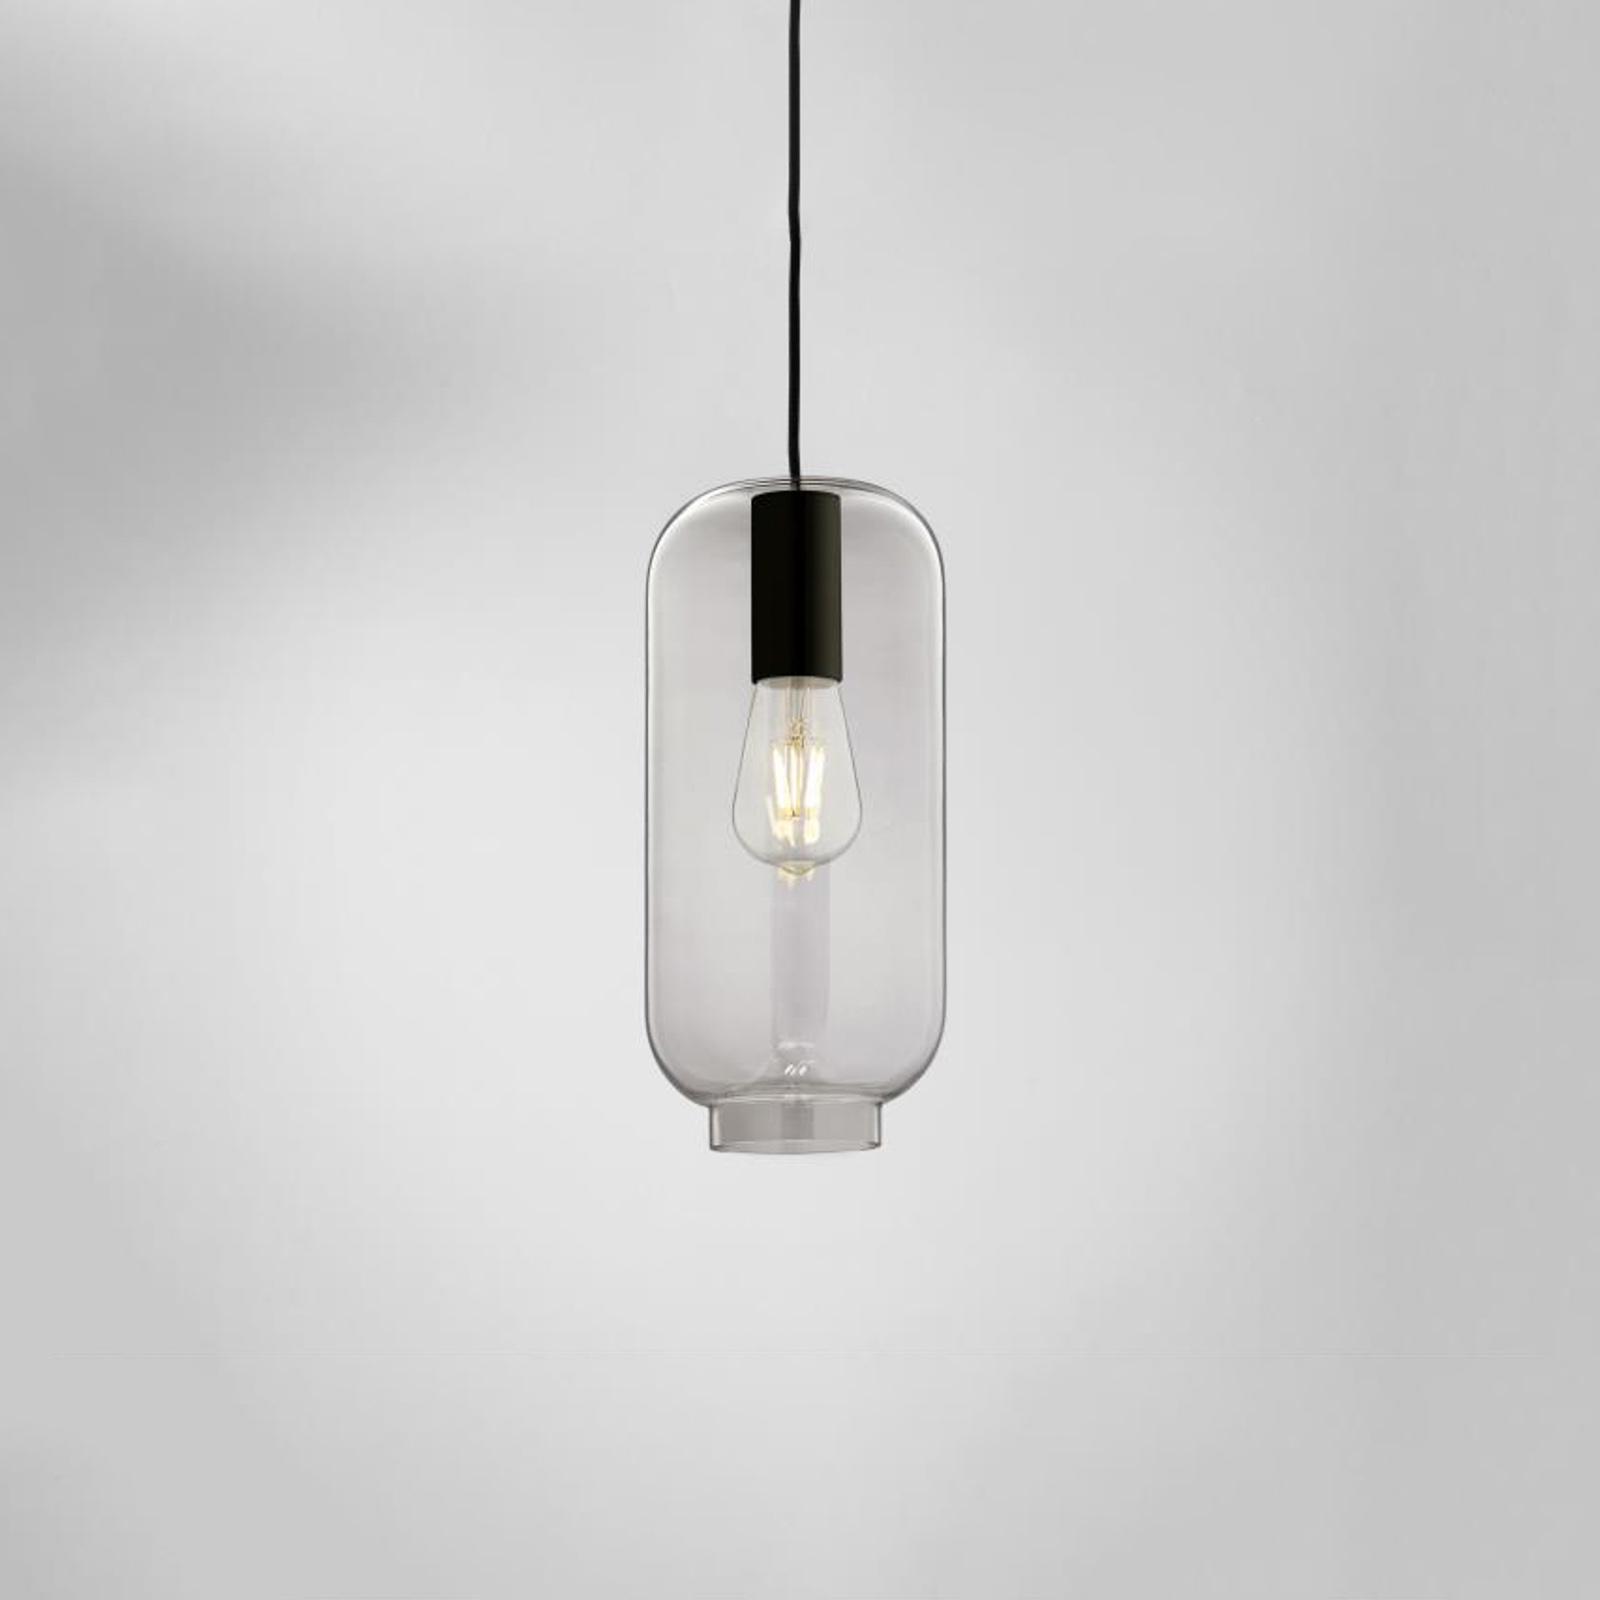 LOUM Loon Soft hængelampe, gråt glas, sort